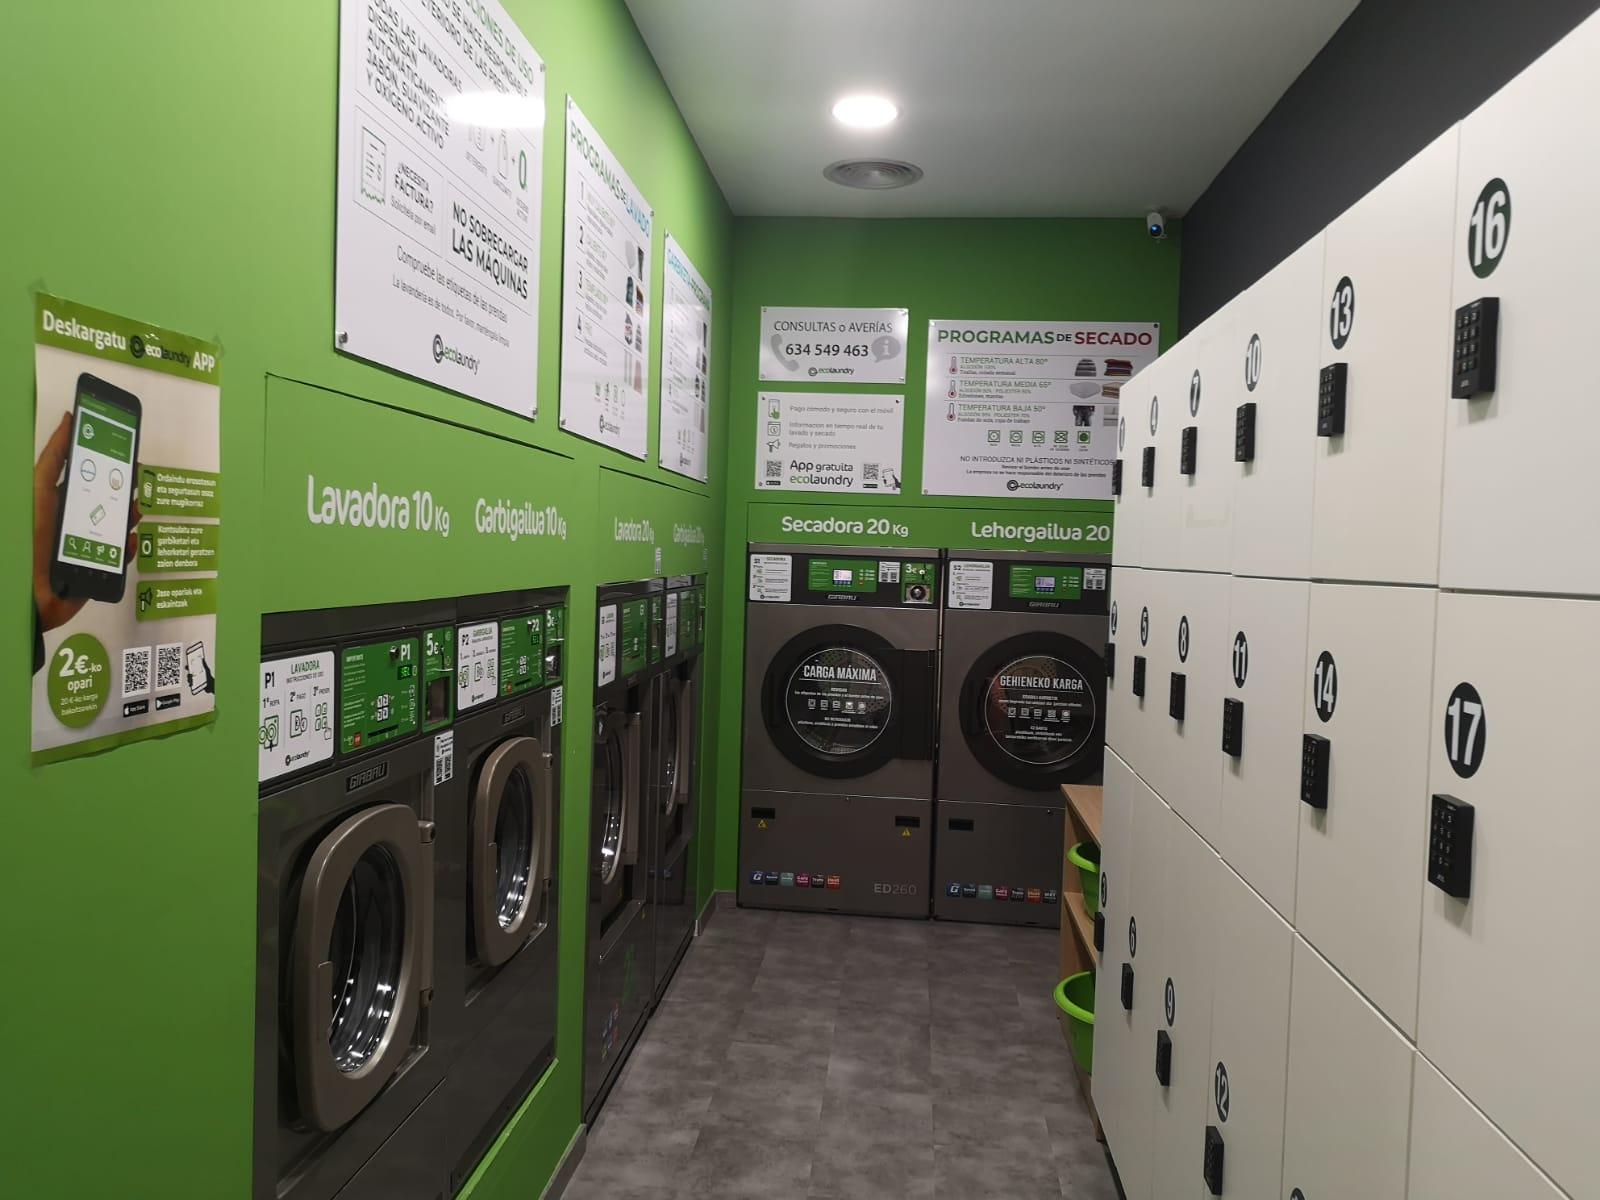 Ecolaundry lavanderia ecologica Bilbondo